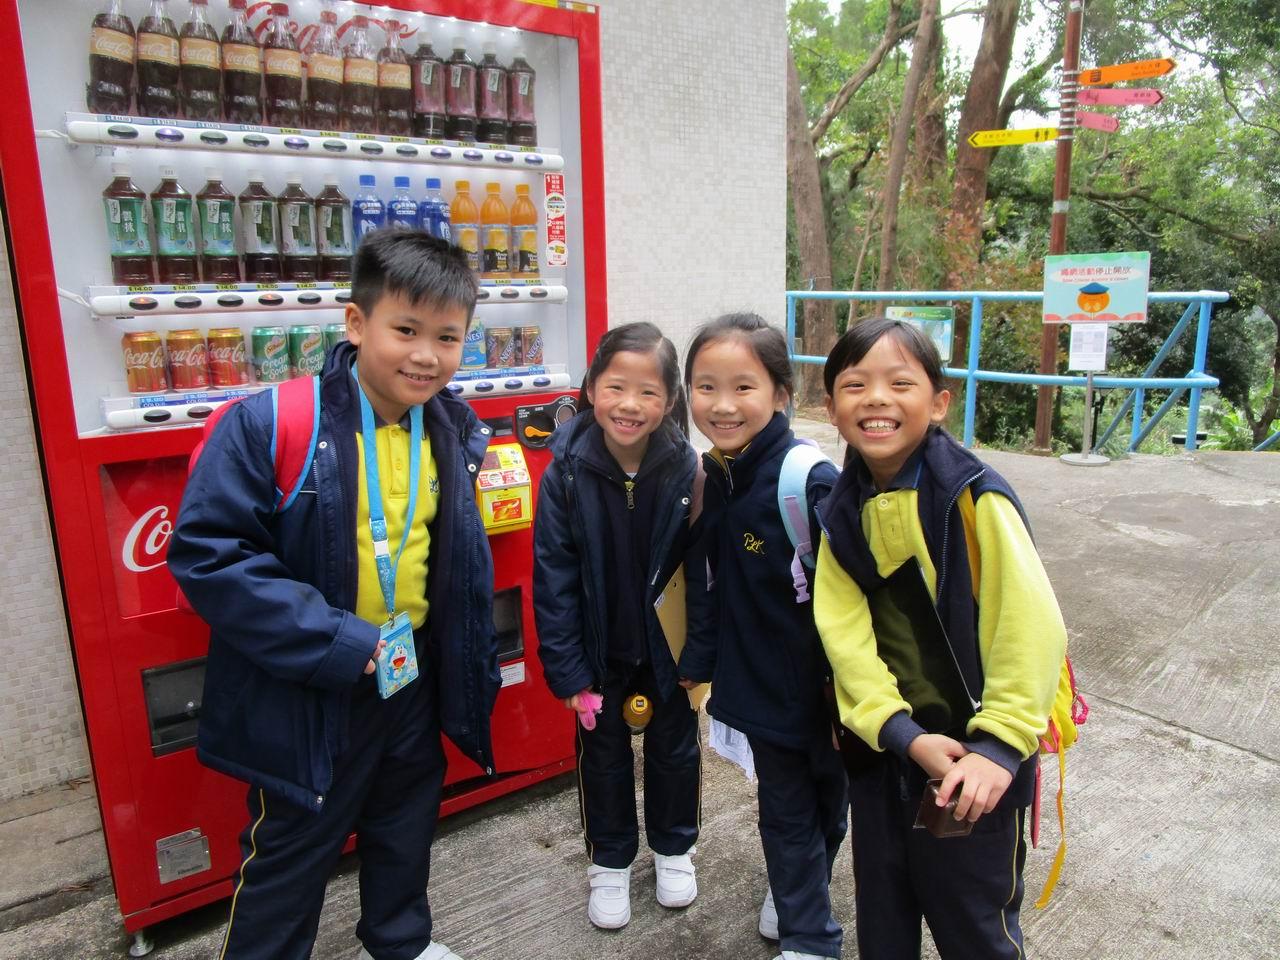 https://plkcjy.edu.hk/sites/default/files/diao_zheng_da_xiao_img_1269.jpg